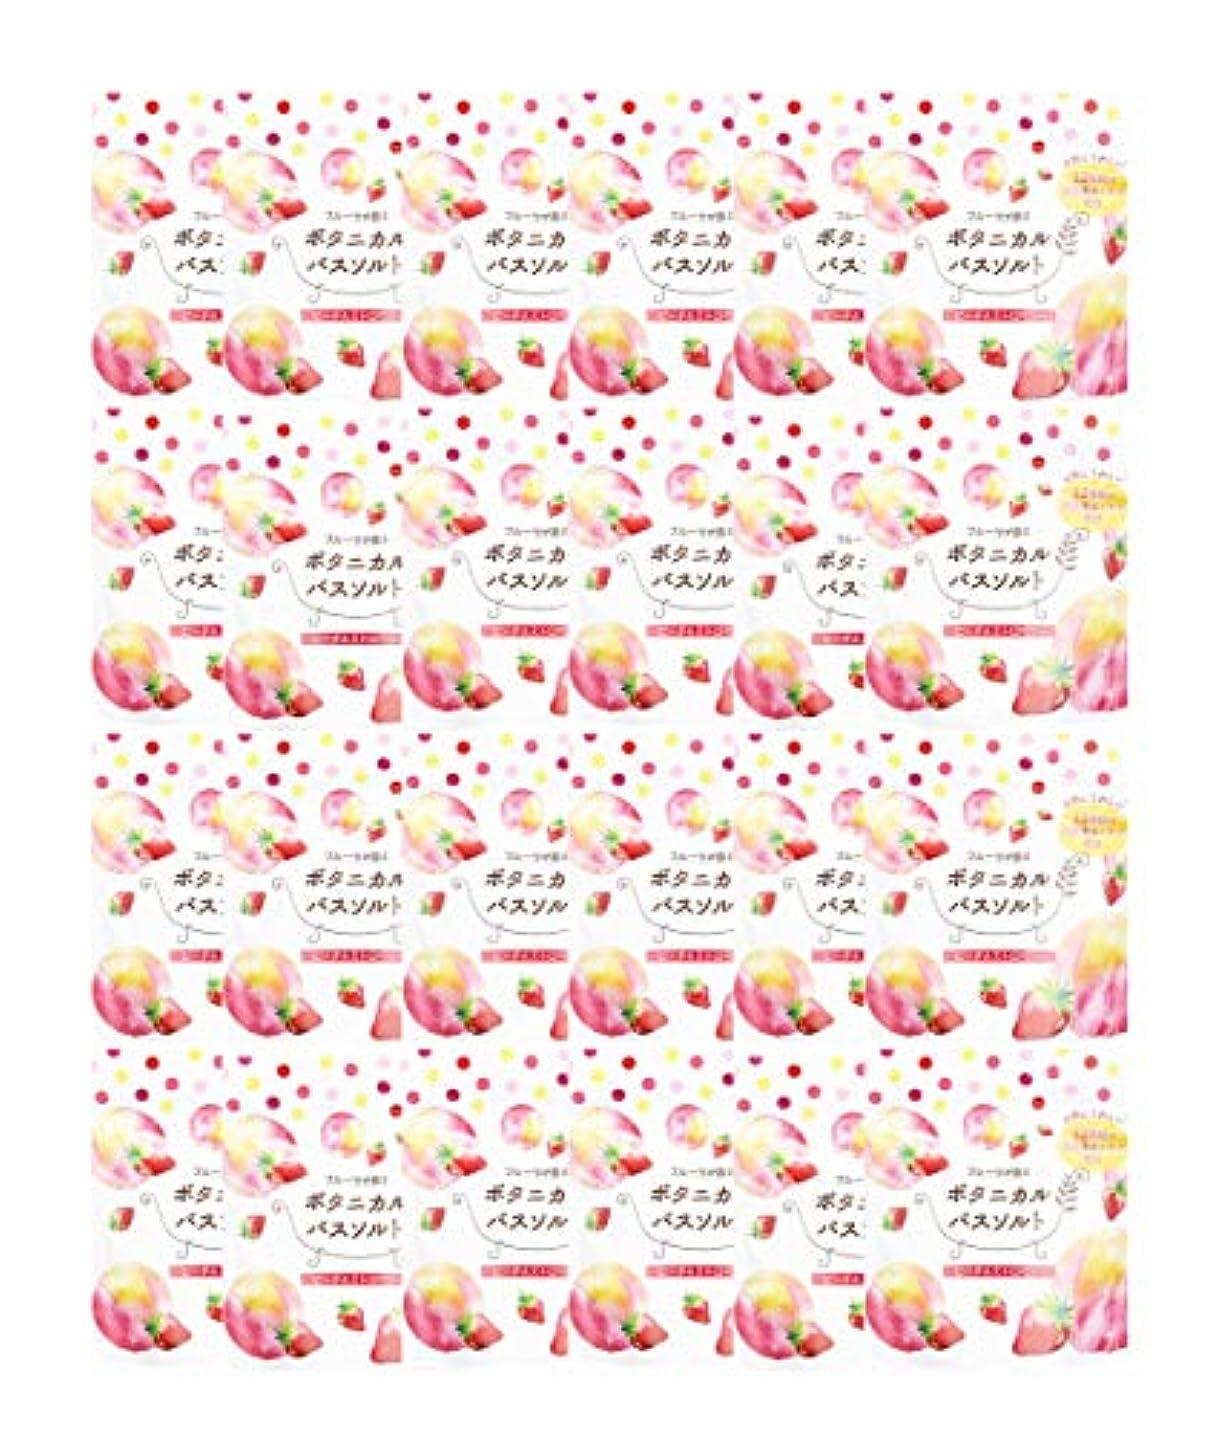 ファイアル金属コーヒー松田医薬品 フルーツが香るボタニカルバスソルト ピーチ&ストロベリー 30g 24個セット